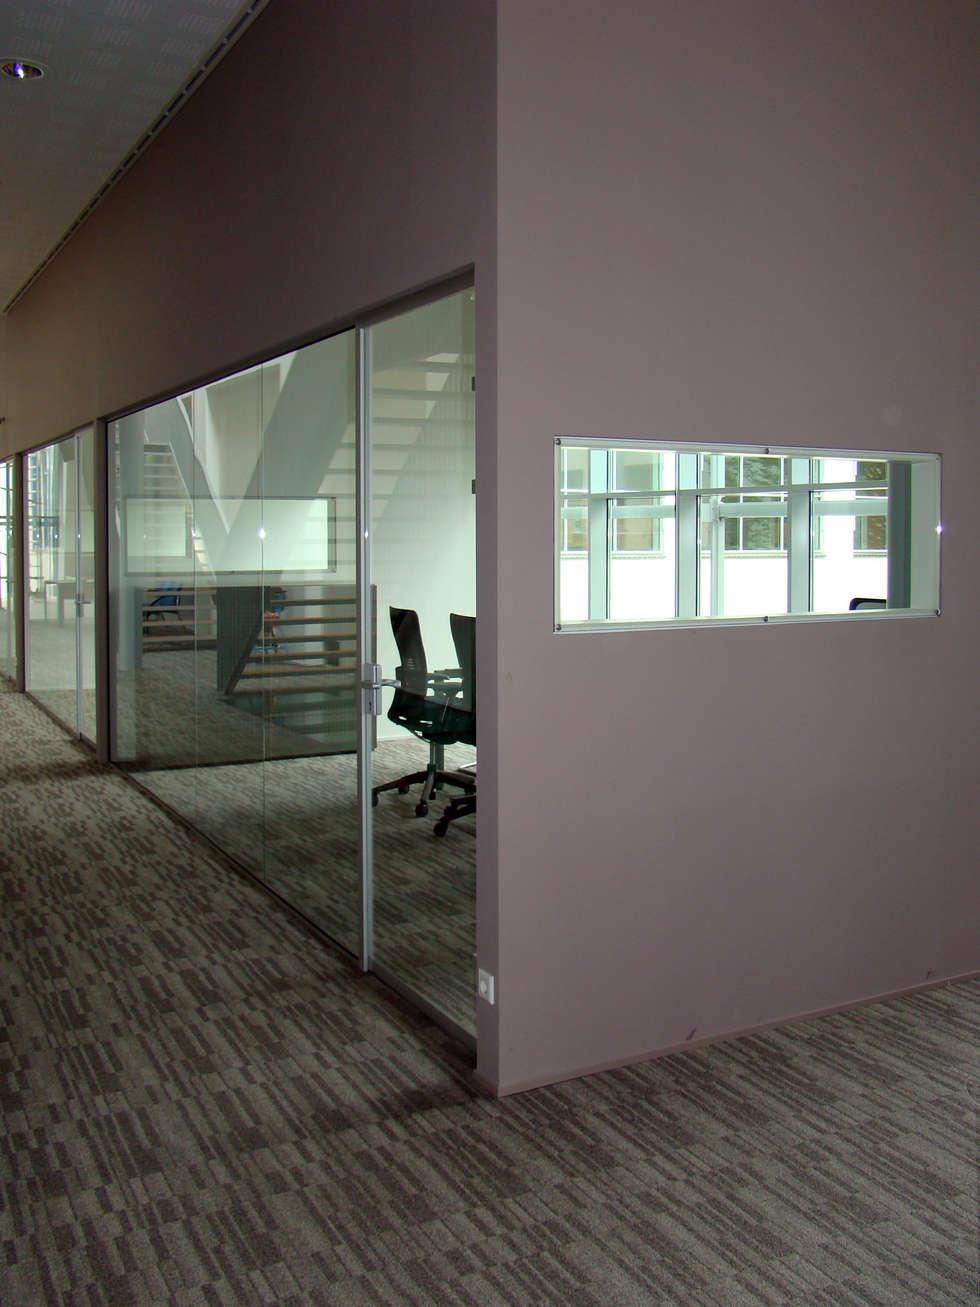 Overzichtelijke kantoorindeling:  Kantoorgebouwen door Buys Glas